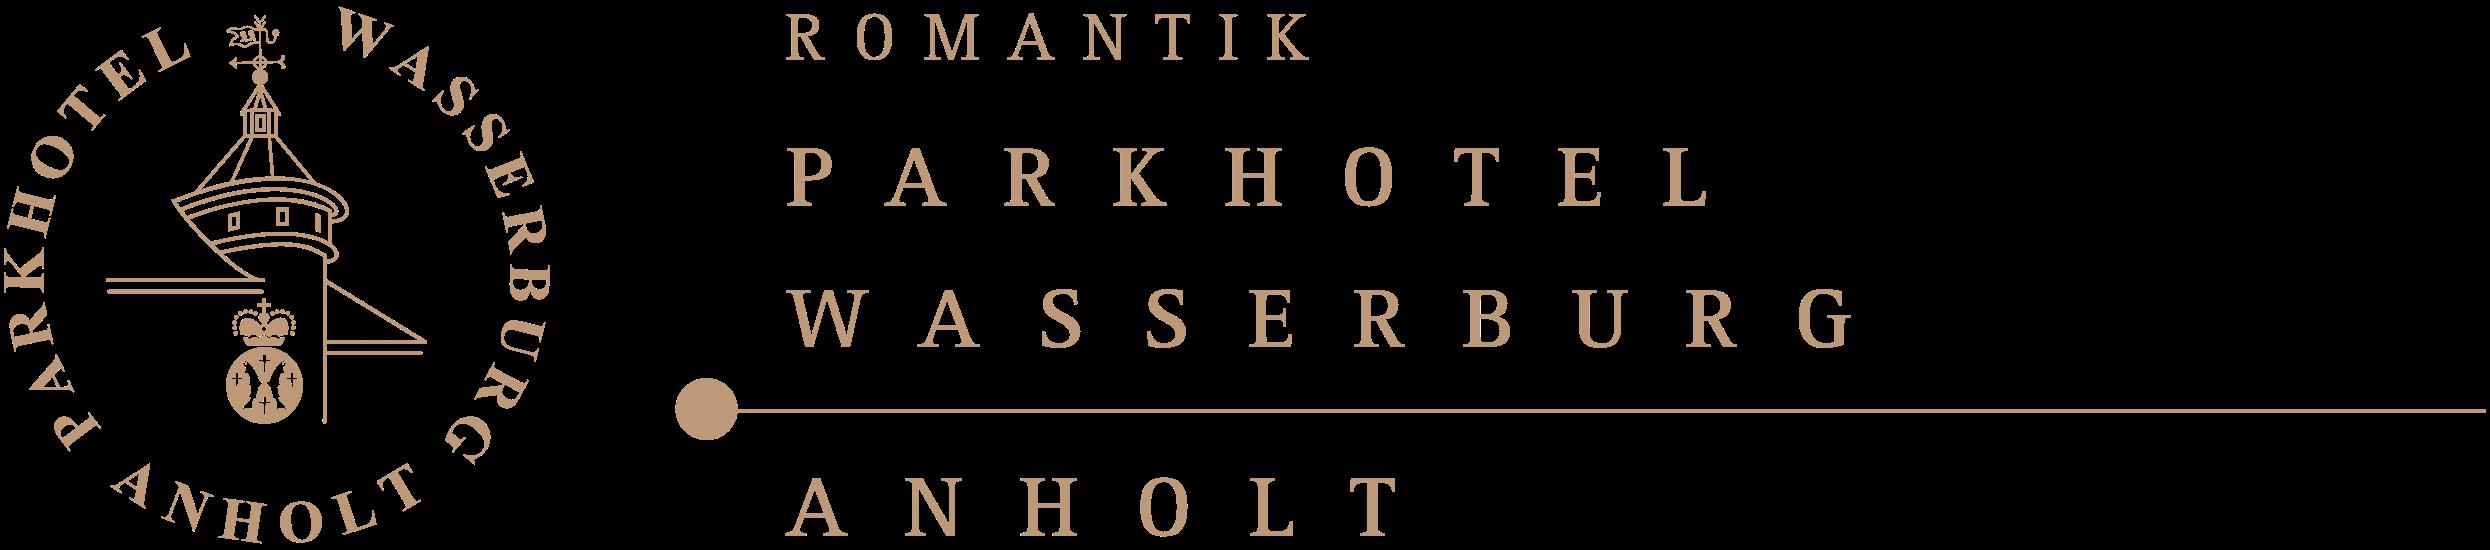 Parkhotel Wasserburg Anholt